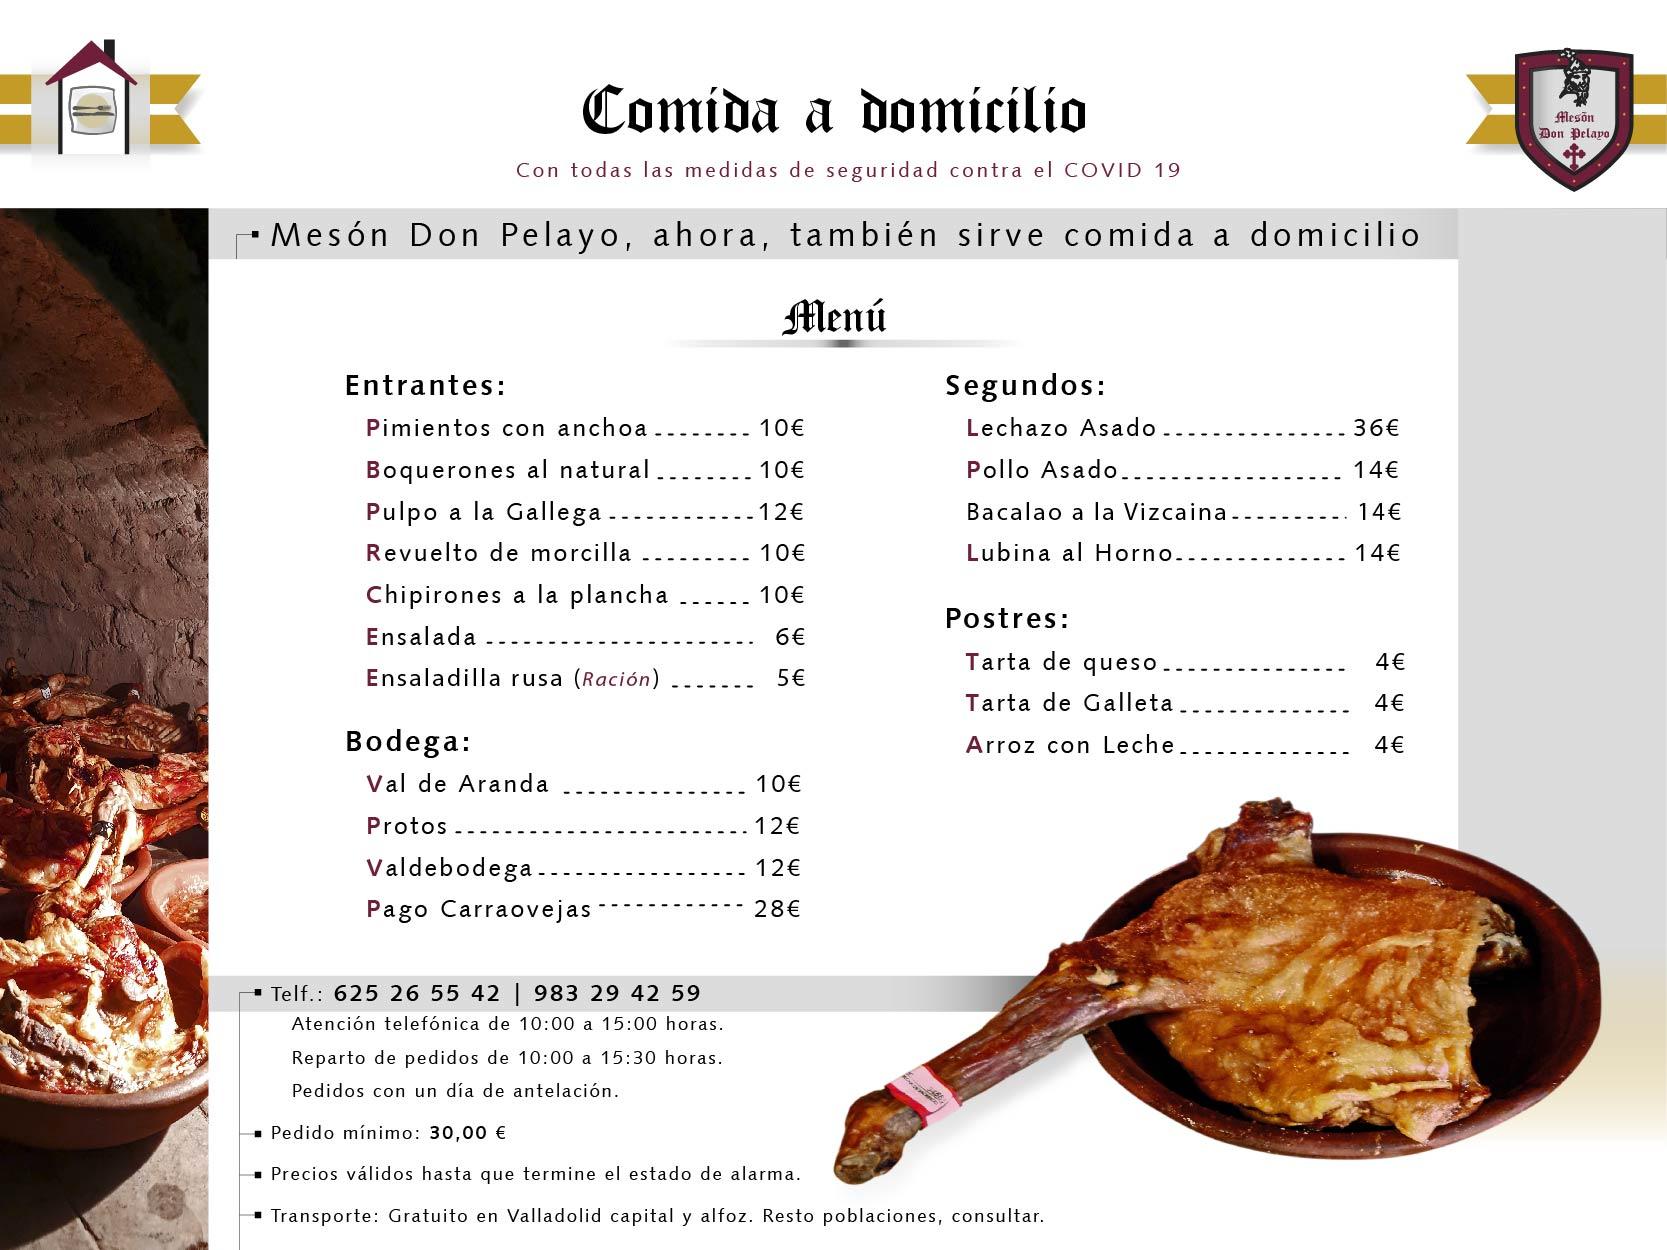 Menú Mesón Restaurante Don Pelayo a 21 de mayo 2020